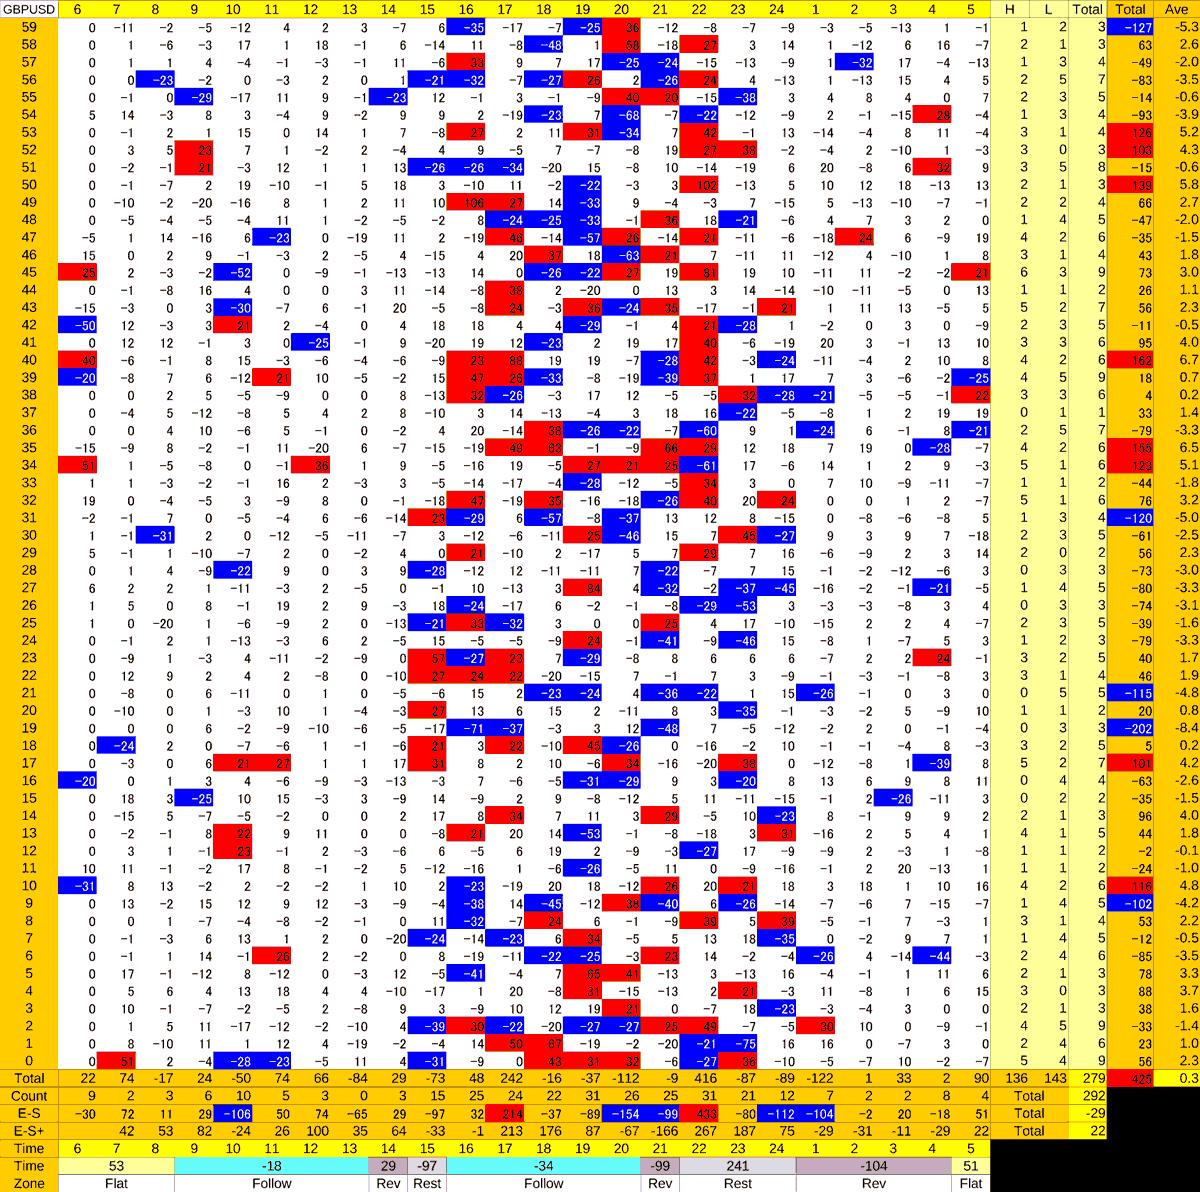 20201020_HS(2)GBPUSD